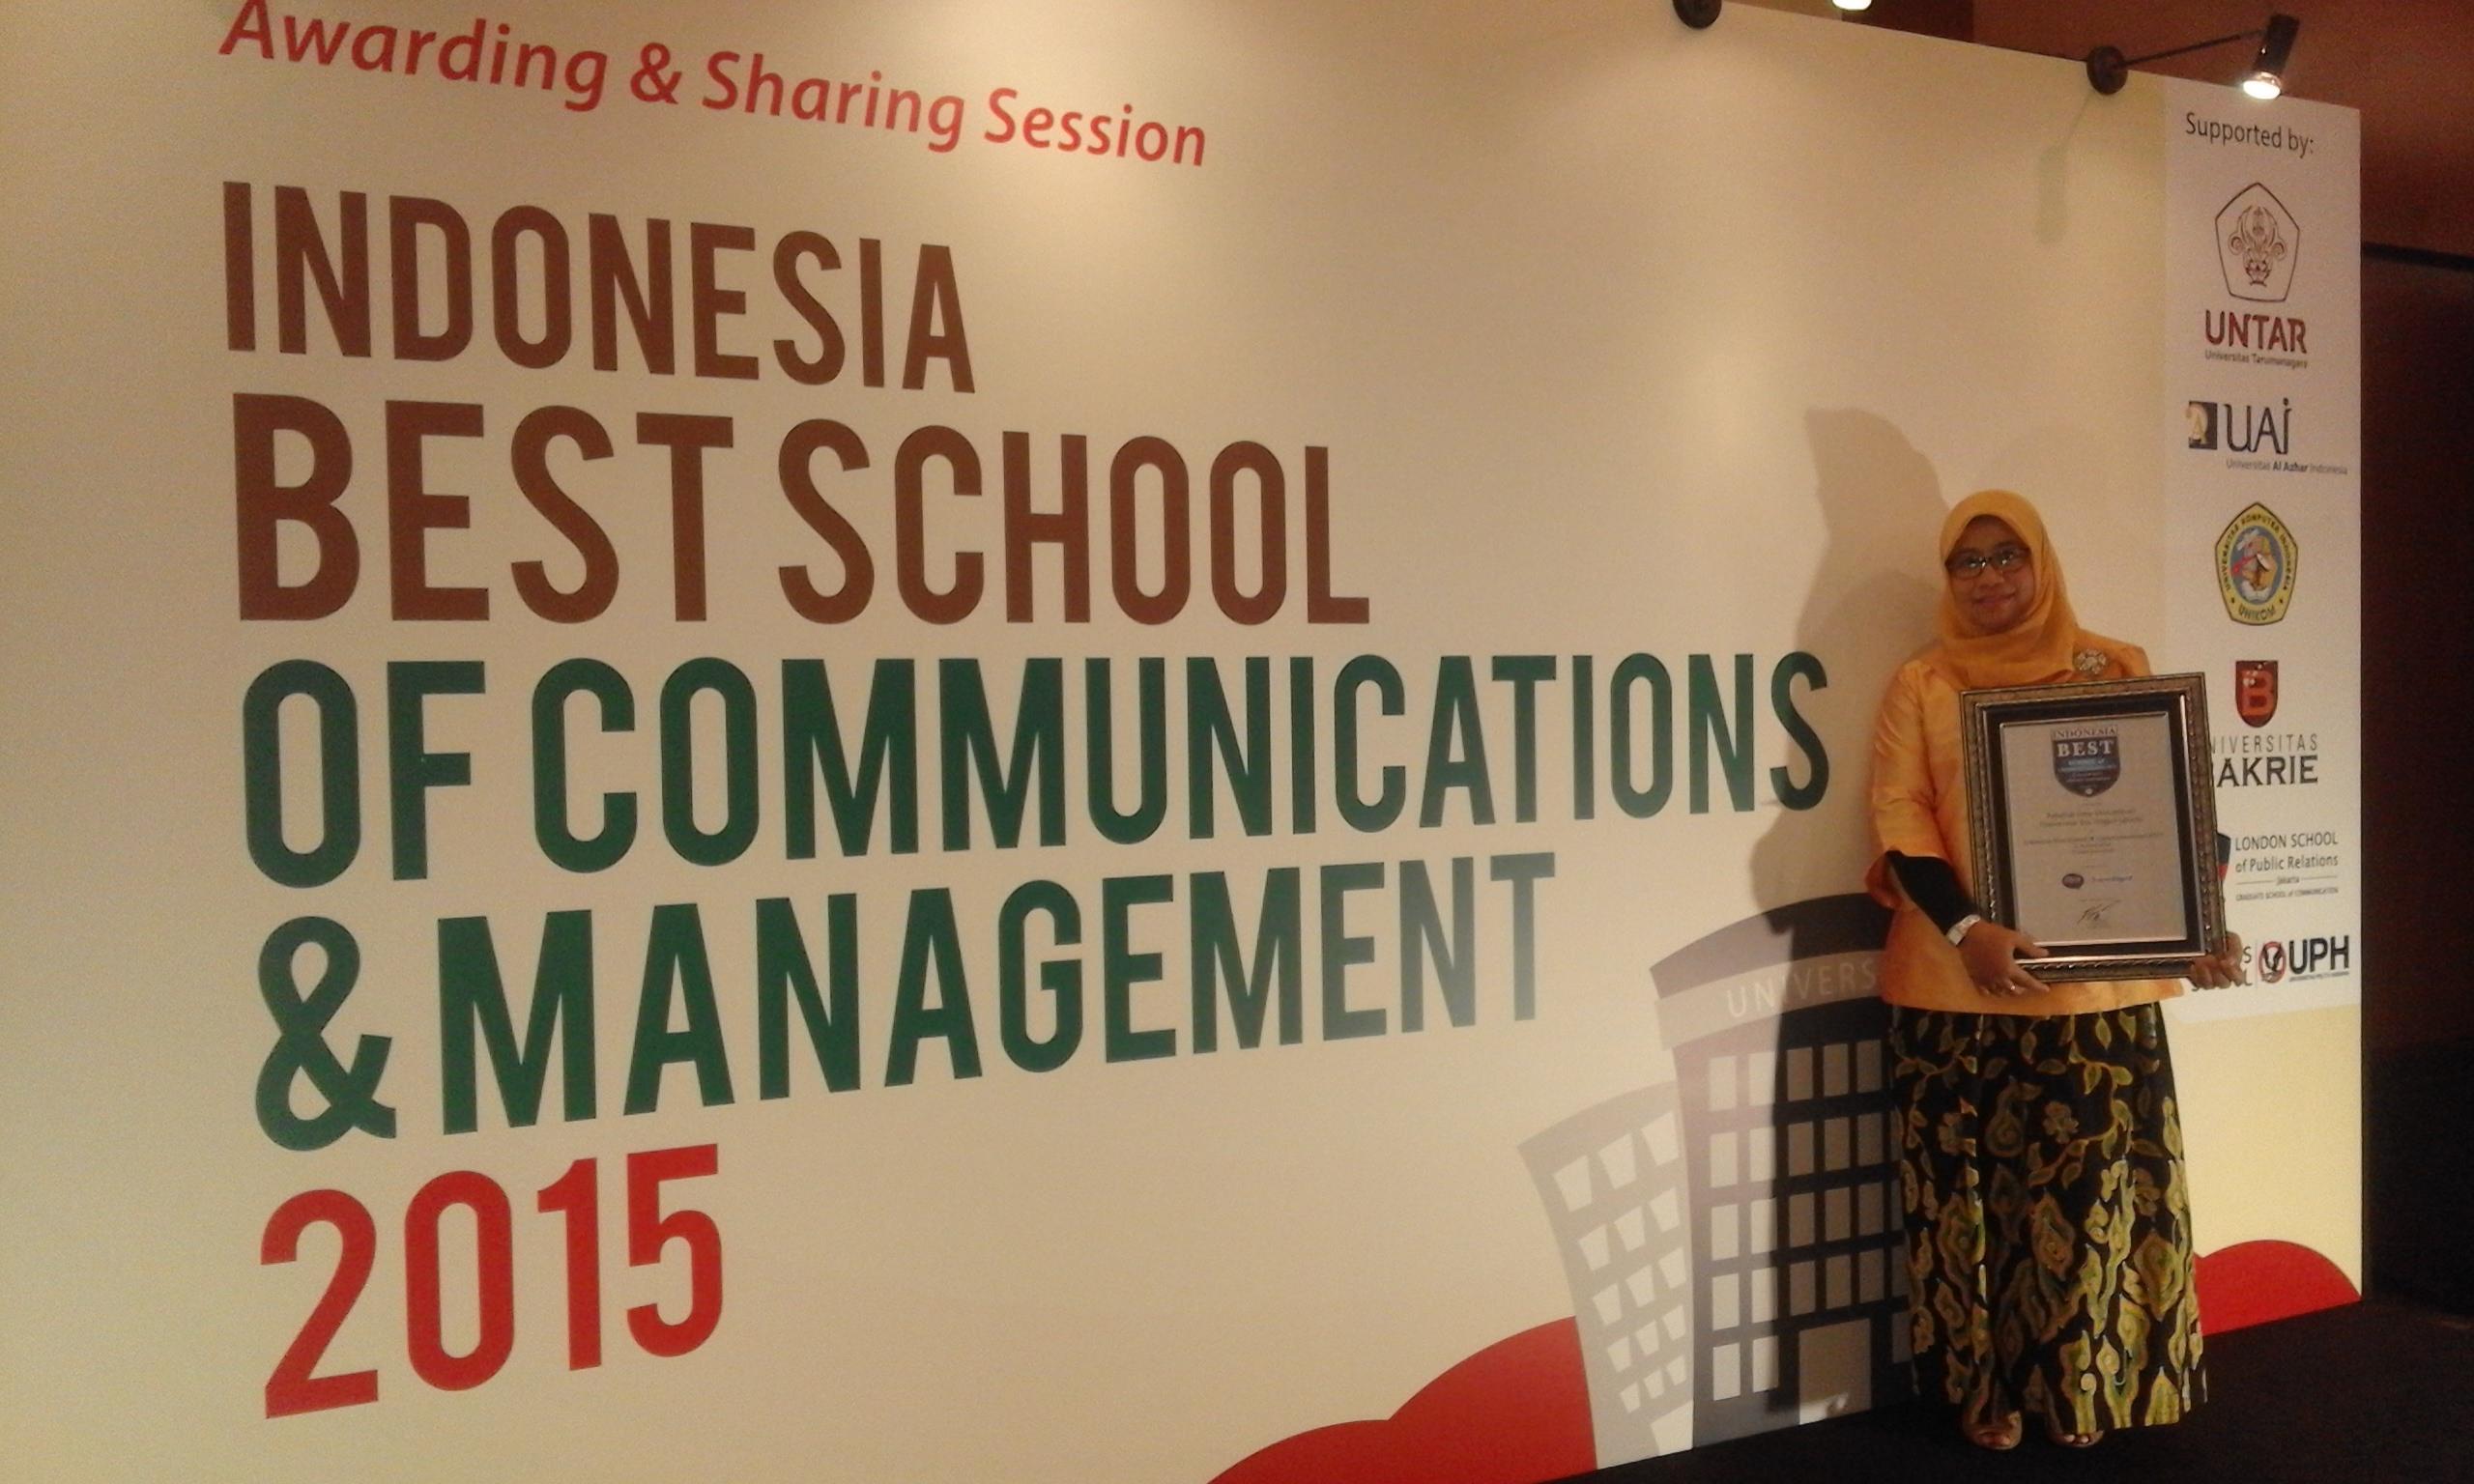 Selamat dan Sukses Fakultas Ilmu Komunikasi, Fakultas Desain dan Industri Kreatif  Universitas Esa Unggul Meraih Penghargaan Indonesia Best School 2015